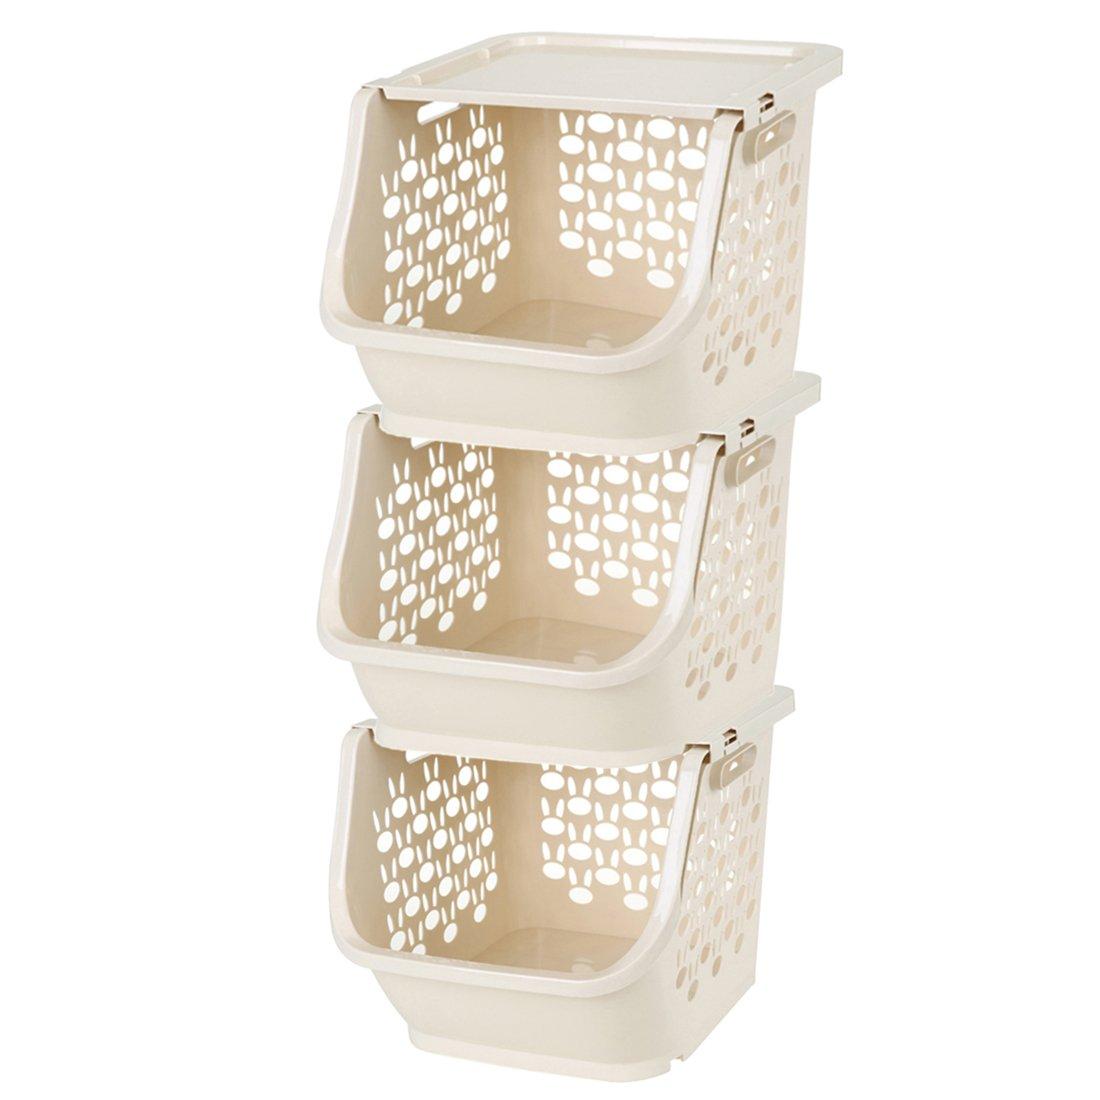 Tosbess 3 pezzi Carrello da Cucina Carrello Scaffale Multiuso per Organizzare gli Ambienti Domestici - Ideale per Bagno, Cucina, Camerette e Garage